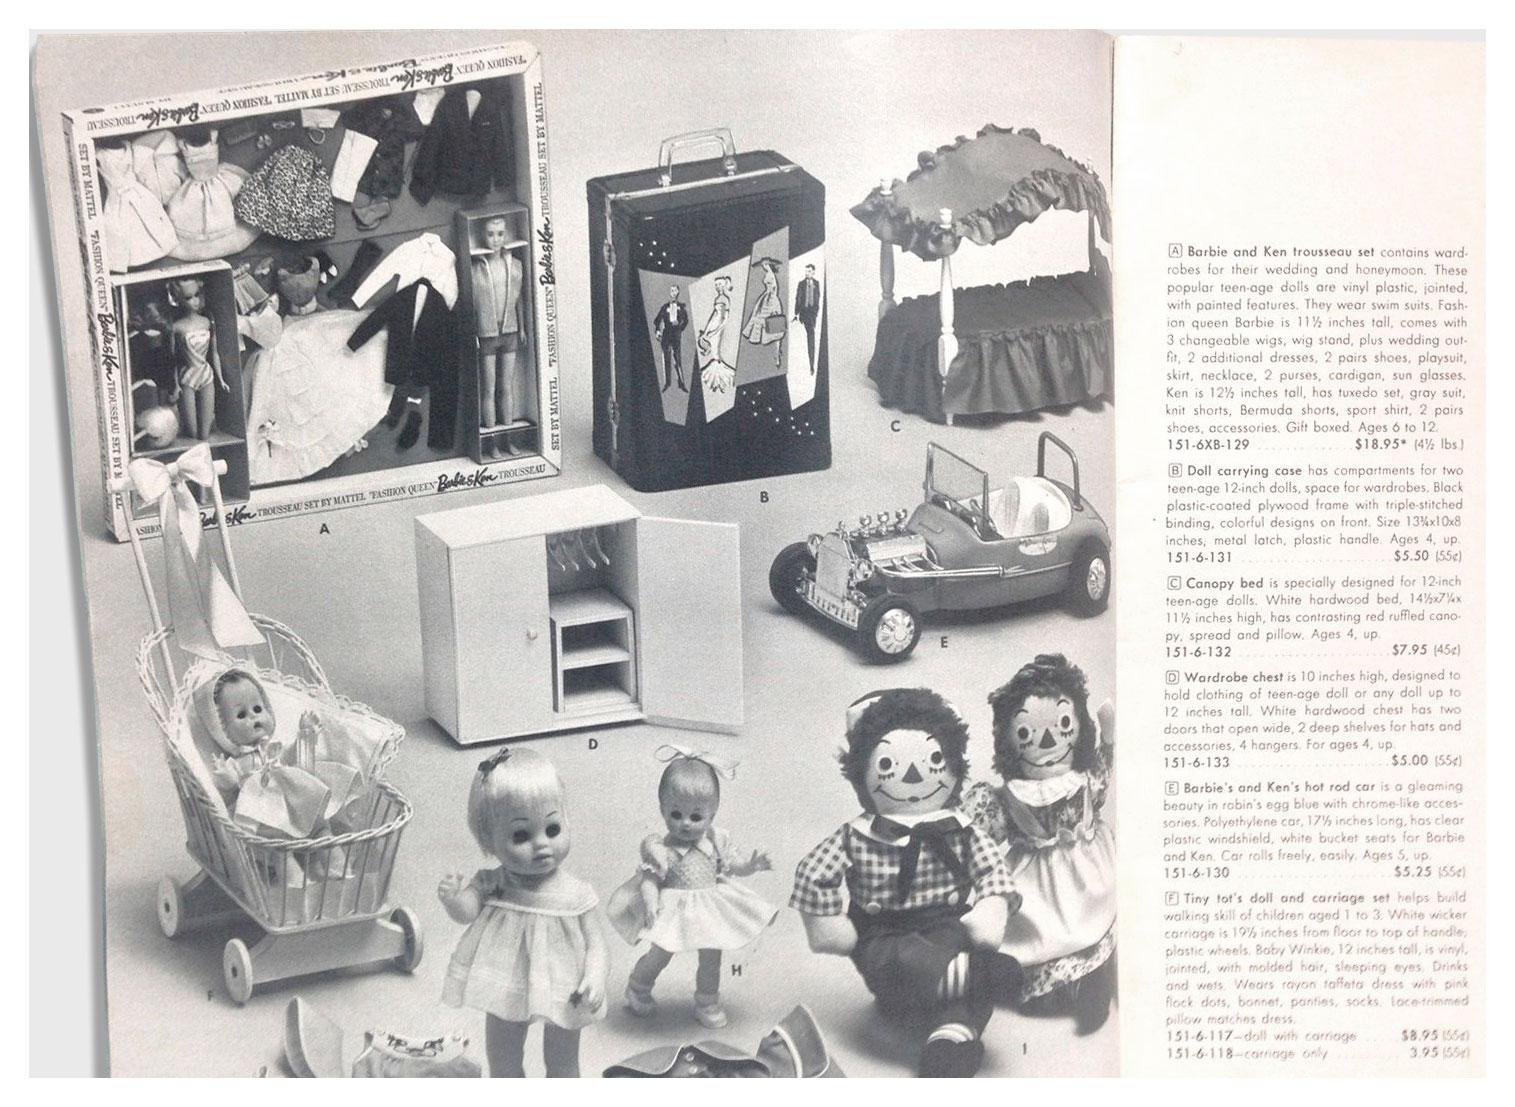 From 1963 Marshall Field & Company Christmas toy catalogue